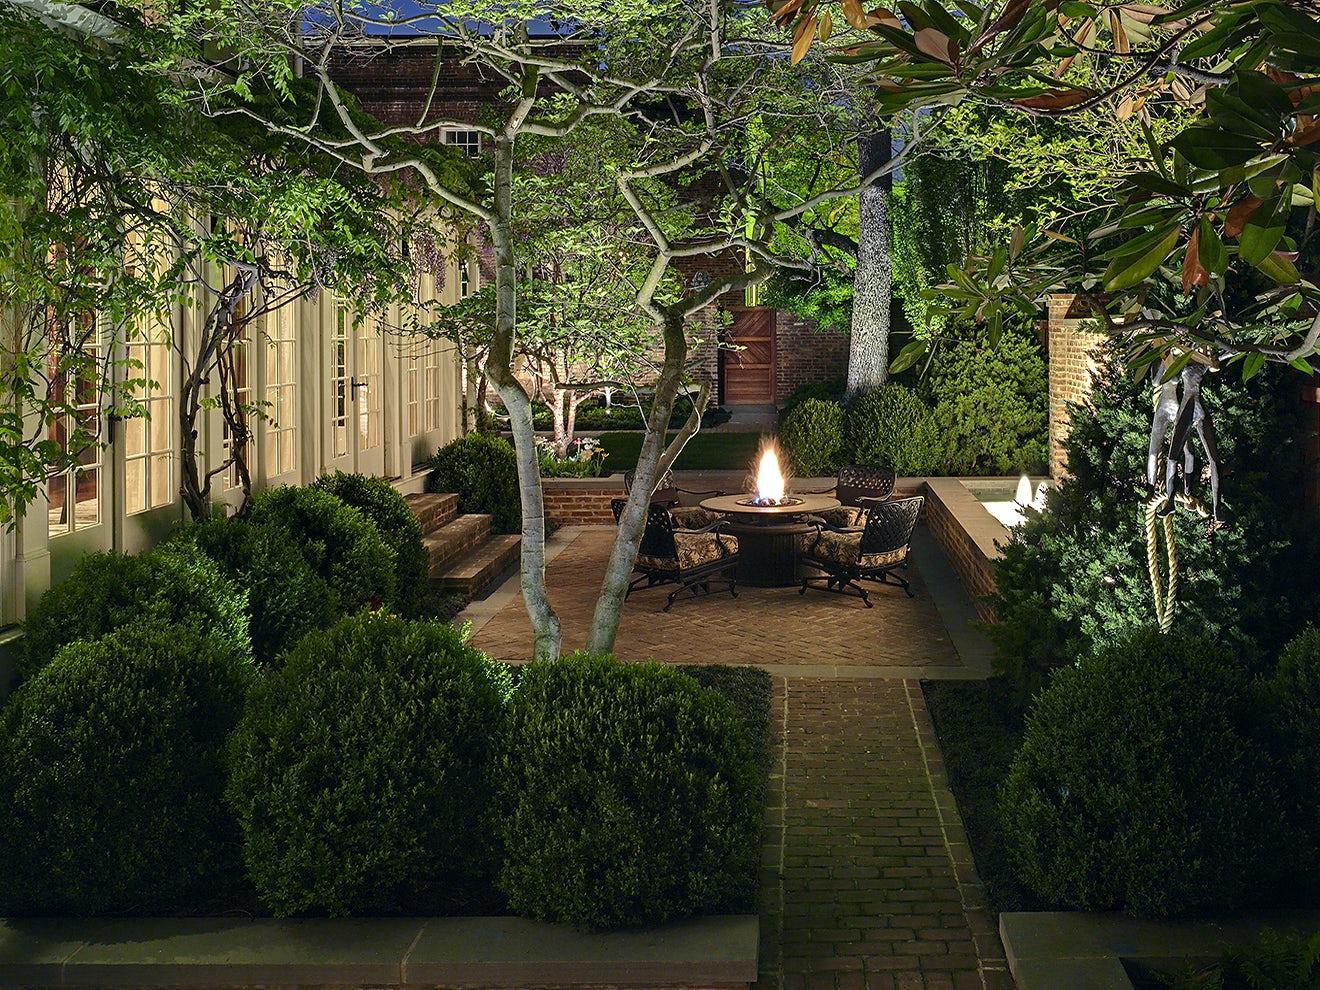 ASLA Maryland Honor Award Winner - Graham Landscape Architecture - Architizer